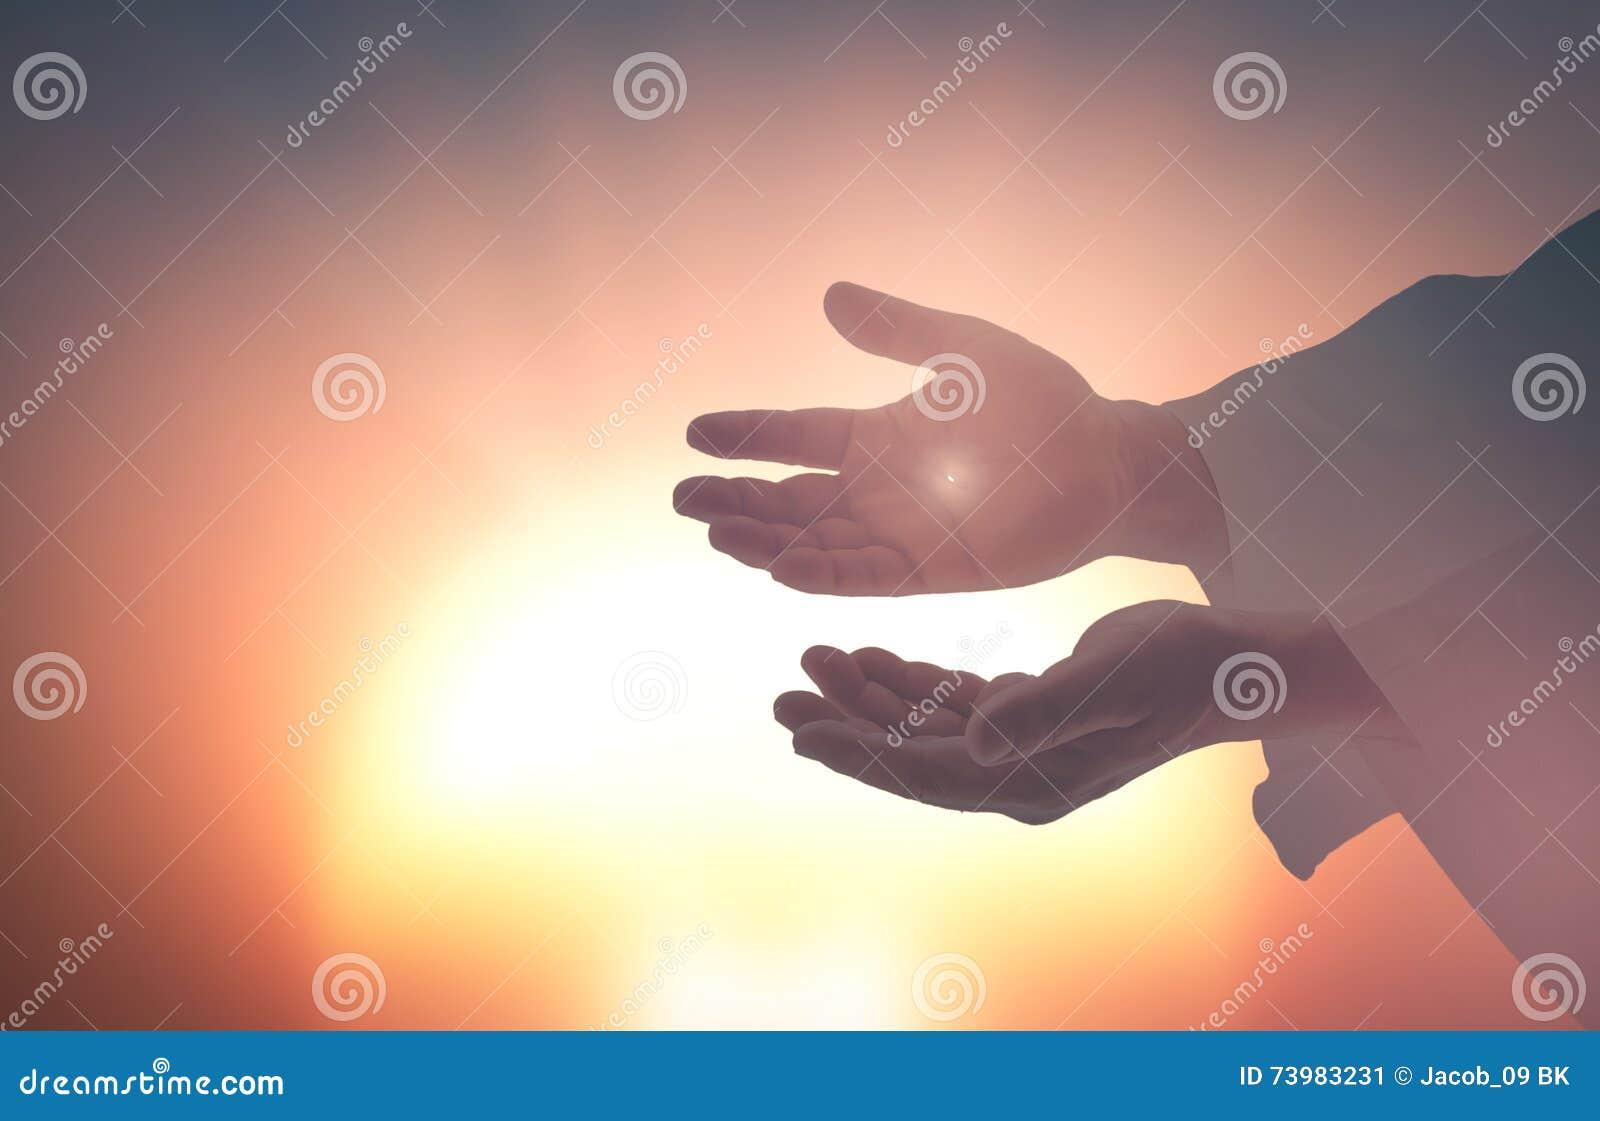 Jesus Christ-Hände